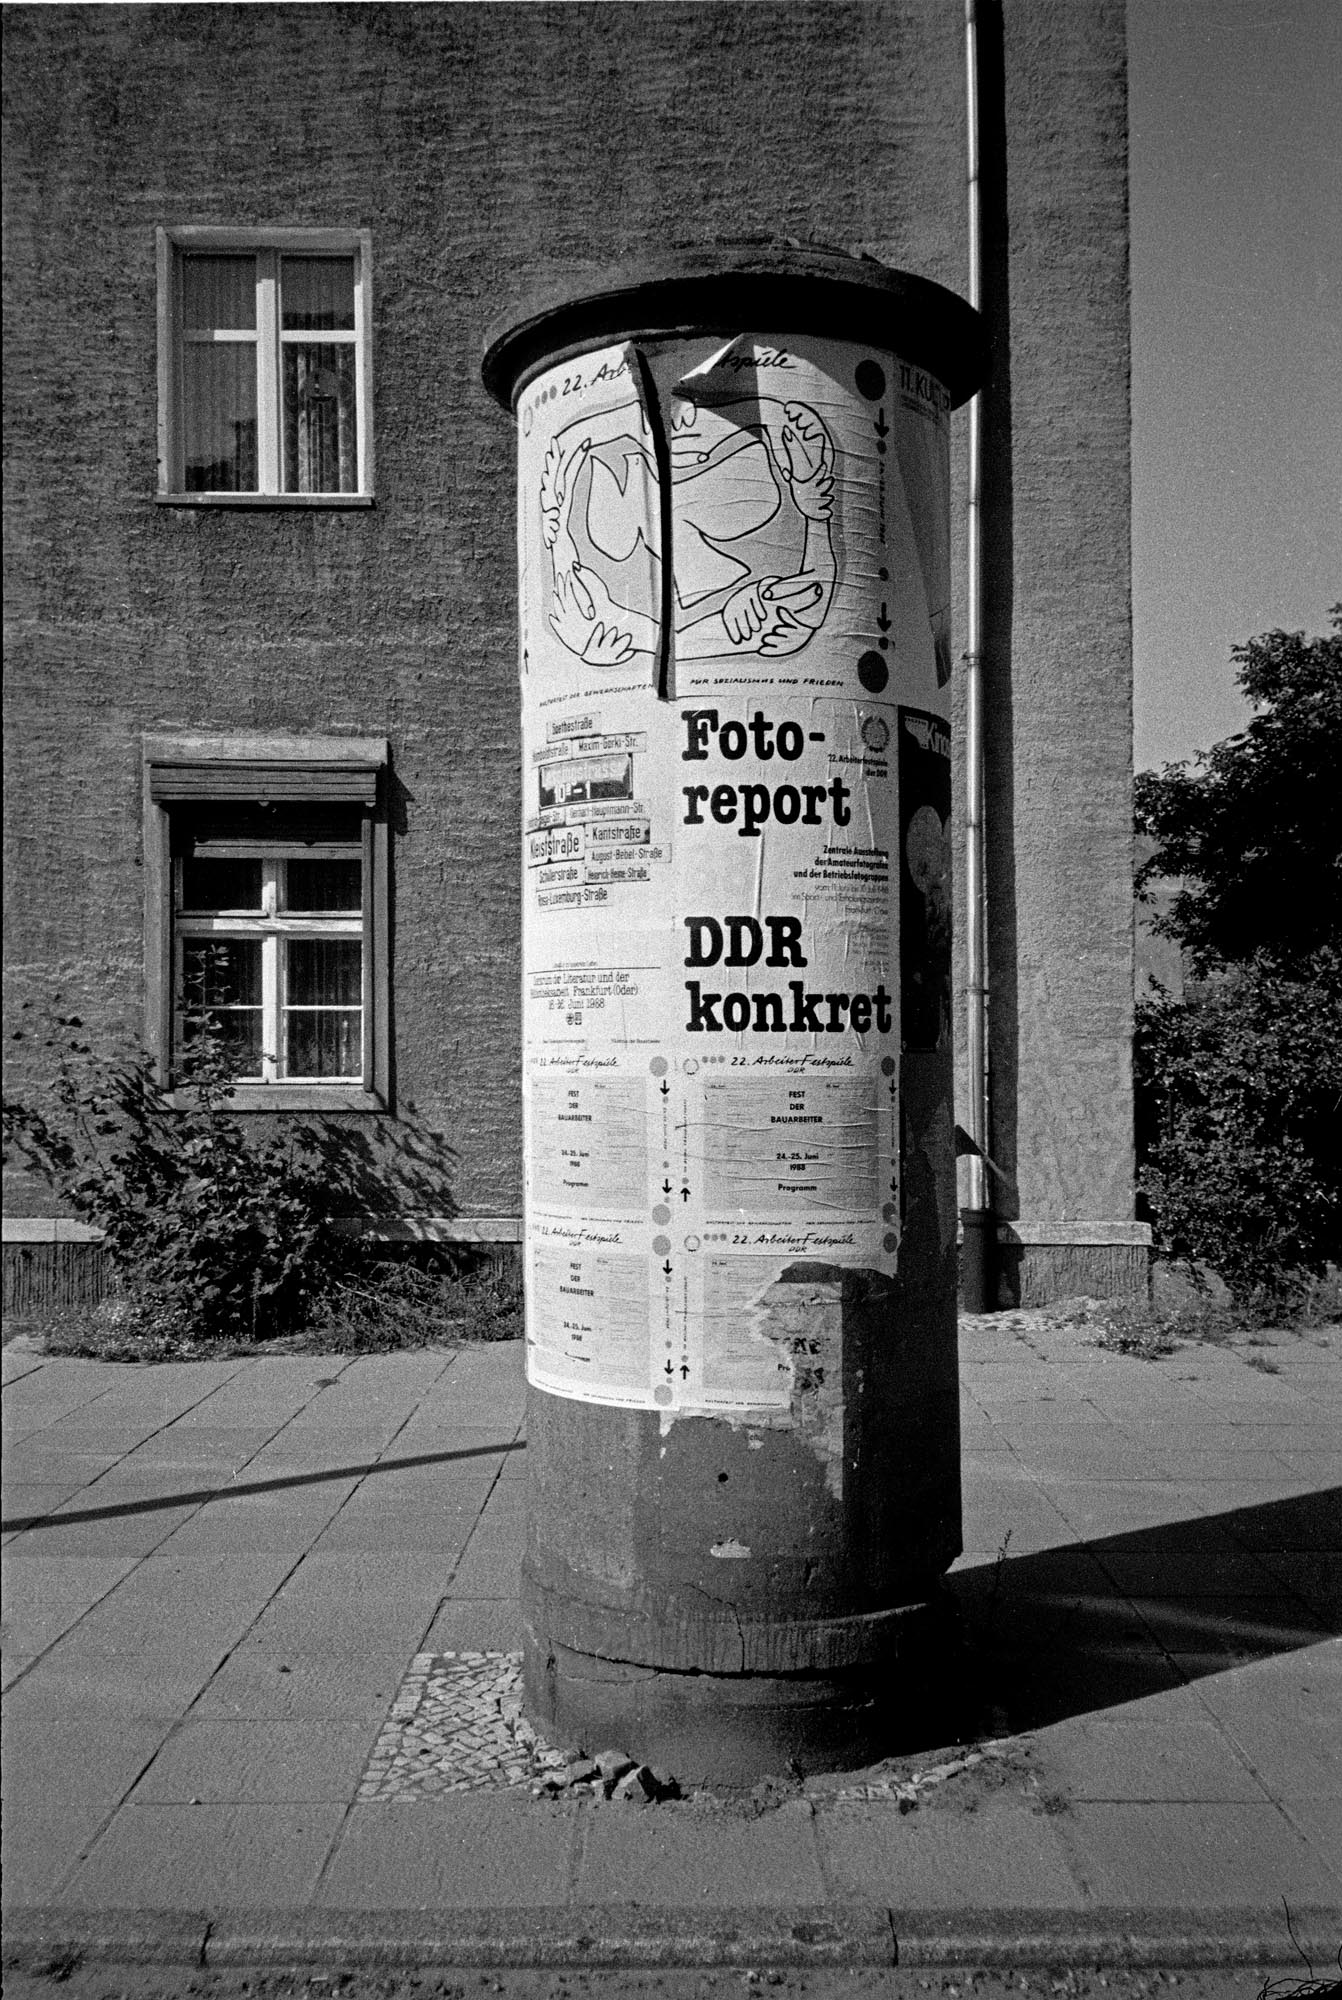 WM 049_Litfaßsäule_Frankfurt-Oder_1988